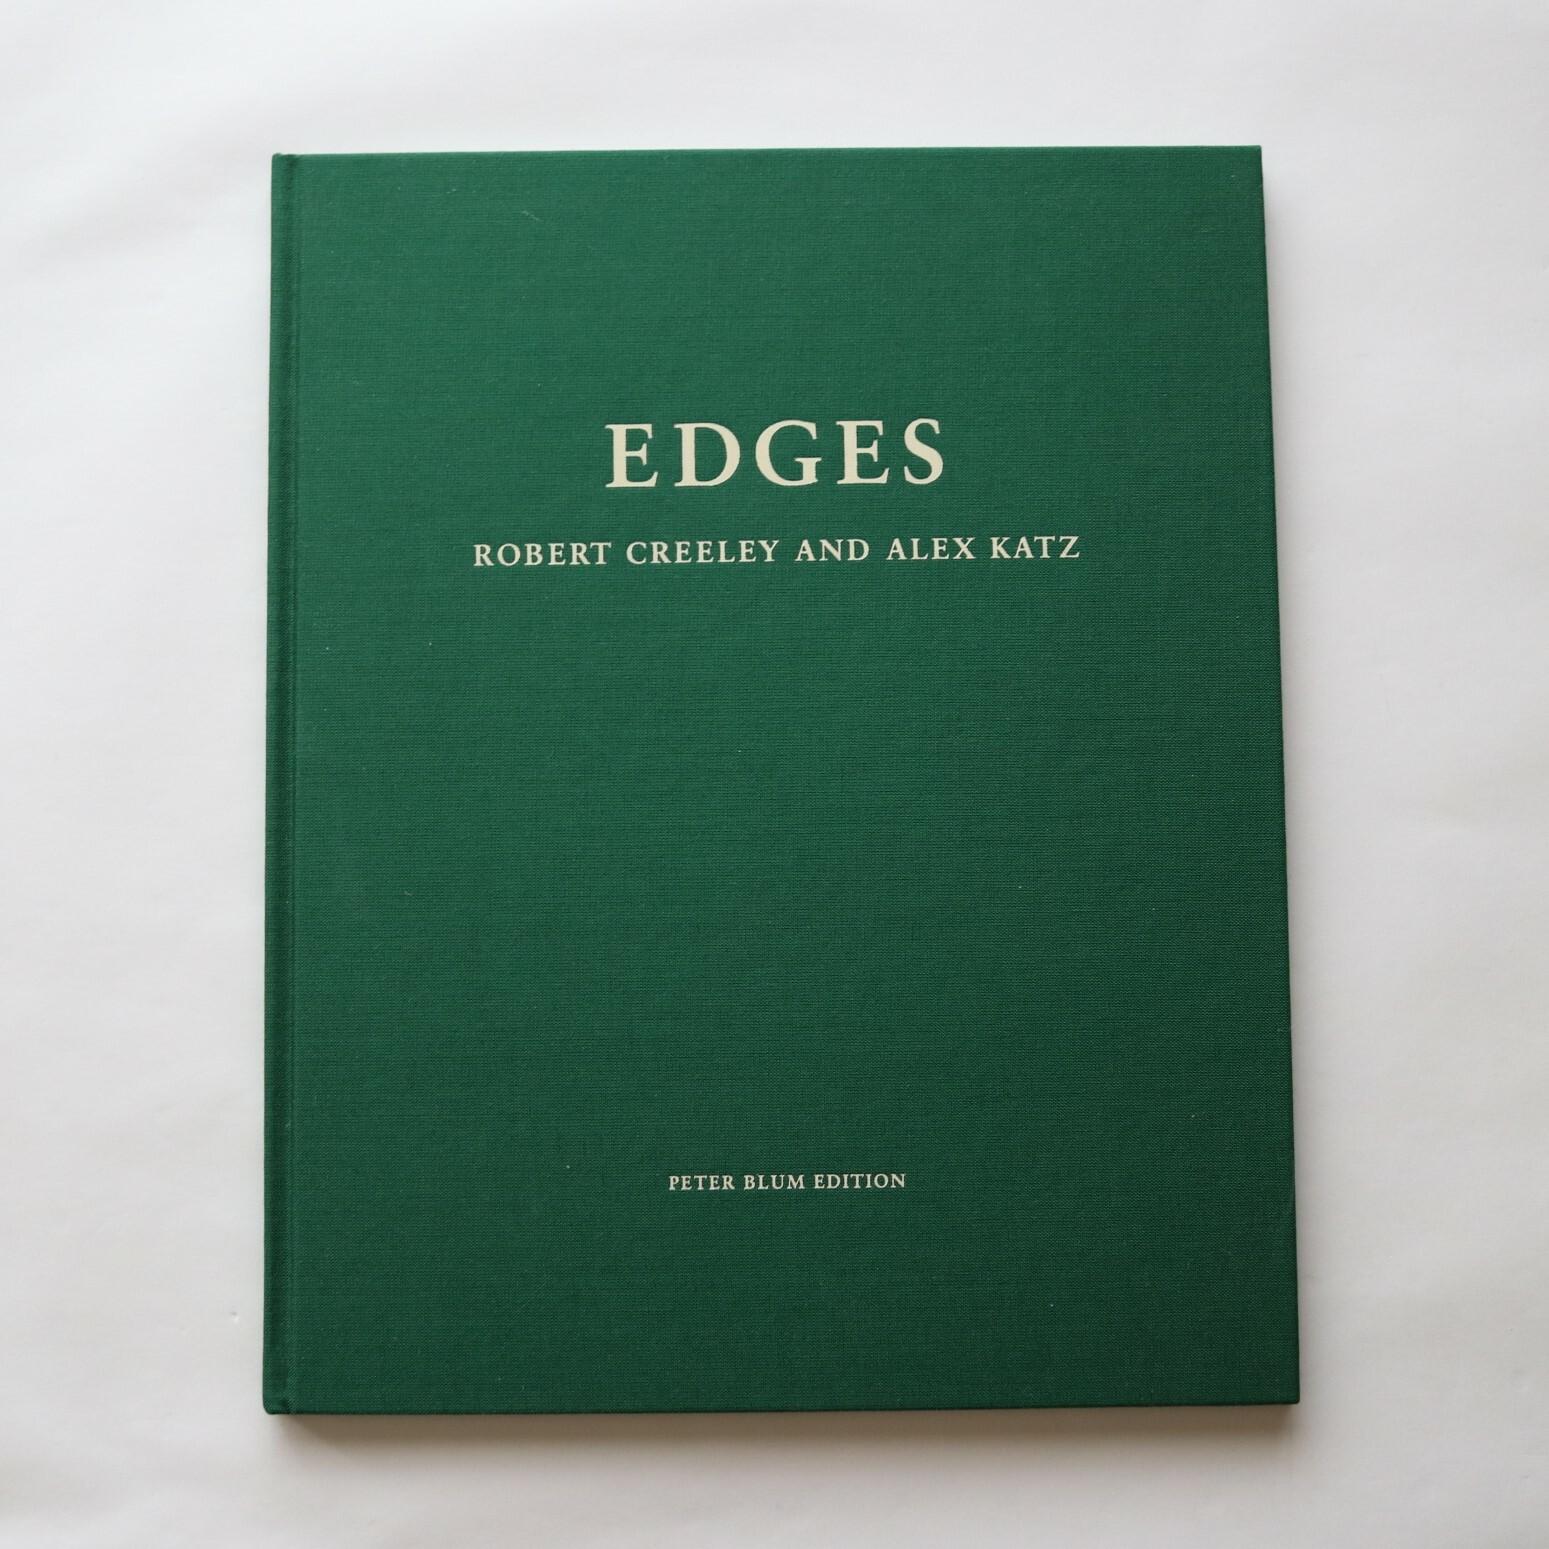 Edges / Robert Creeley (Author), Alex Katz (Author),